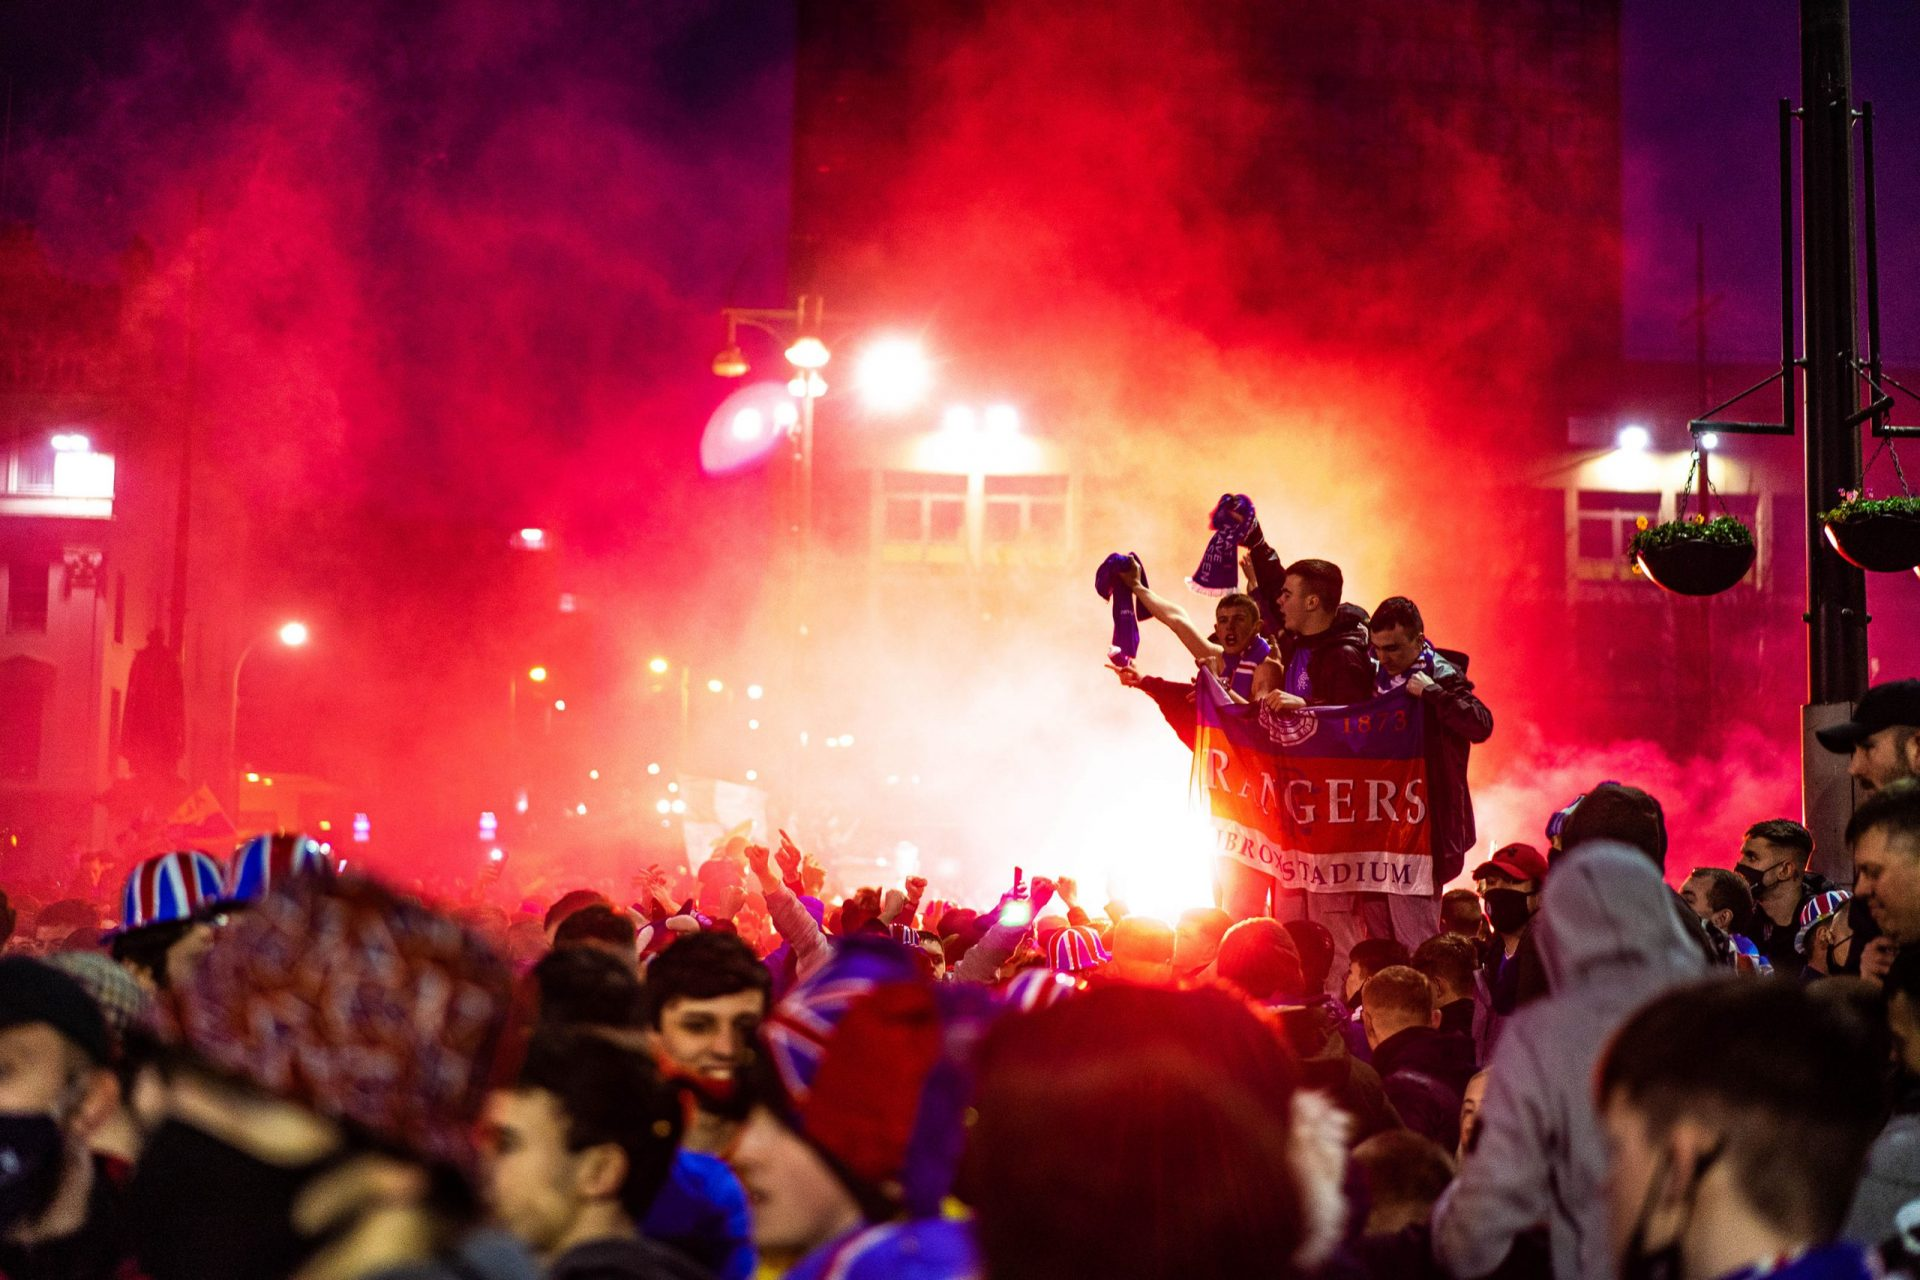 Glasgow Rangers fan celebrating 55th league title